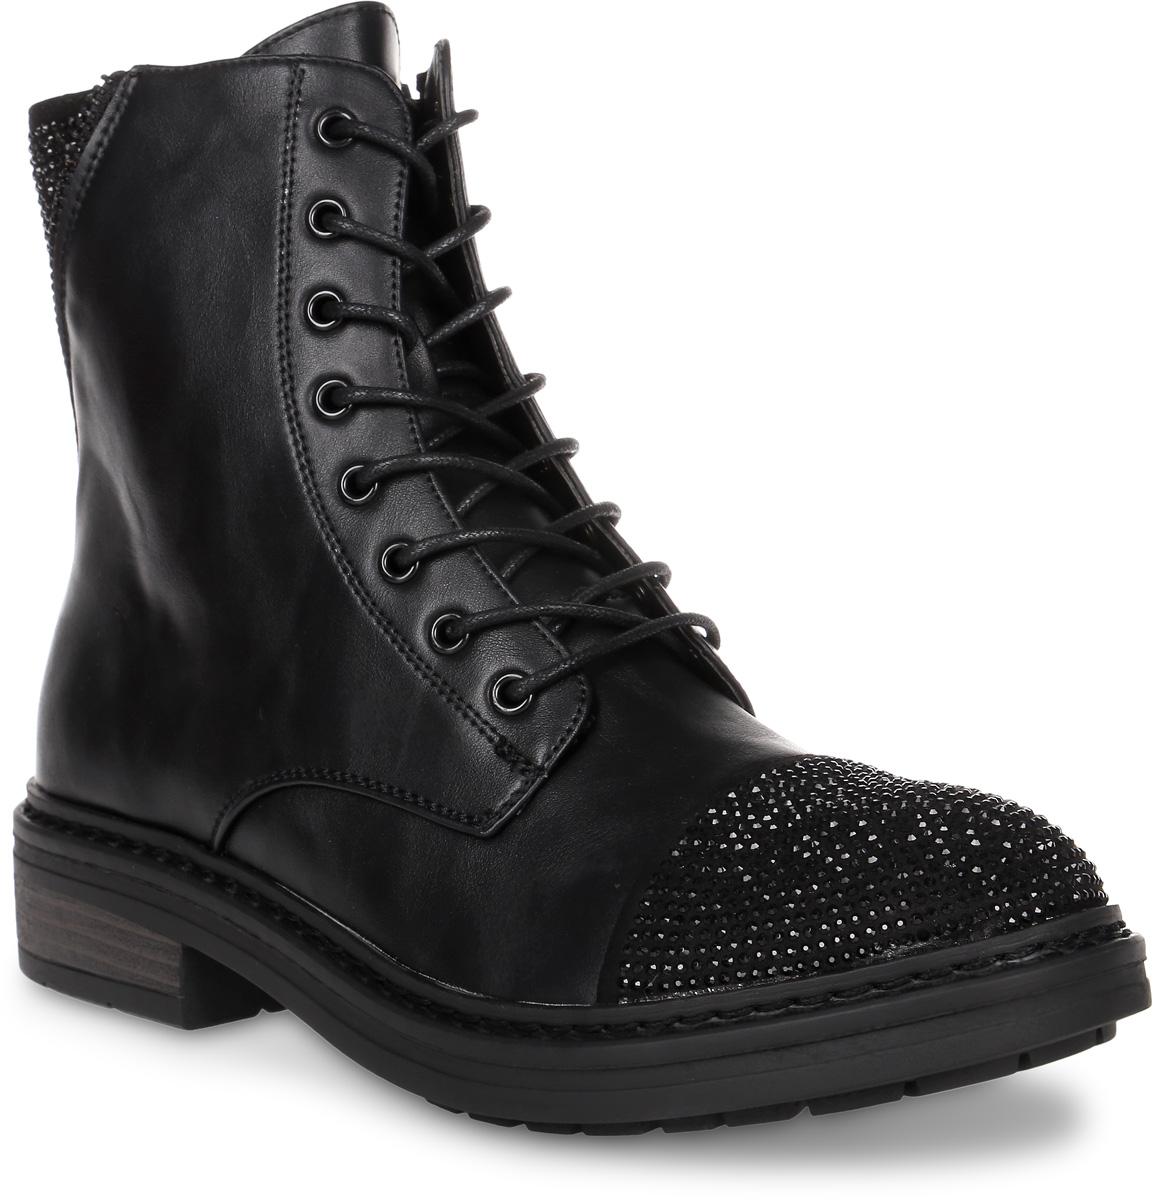 Ботинки женские Avenir, цвет: черный. 2324-HS70579B. Размер 392324-HS70579BОригинальные женские ботинки от Avenir заинтересуют вас своим дизайном. Модель выполнена из искусственной кожи и оформлена на заднике декоративной молнией, и кристаллами. Мыс обуви оформлен кристаллами. Ботинки застегивается на боковую застежку-молнию. Подкладка и стелька, выполненные из натуральной кожи, гарантируют комфорт и уют вашим ногам. Каблук умеренной высоты обеспечит модели устойчивость. Подошва с рифлением защищают изделие от скольжения. Эффектные ботинки подчеркнут ваш стиль и яркую индивидуальность.